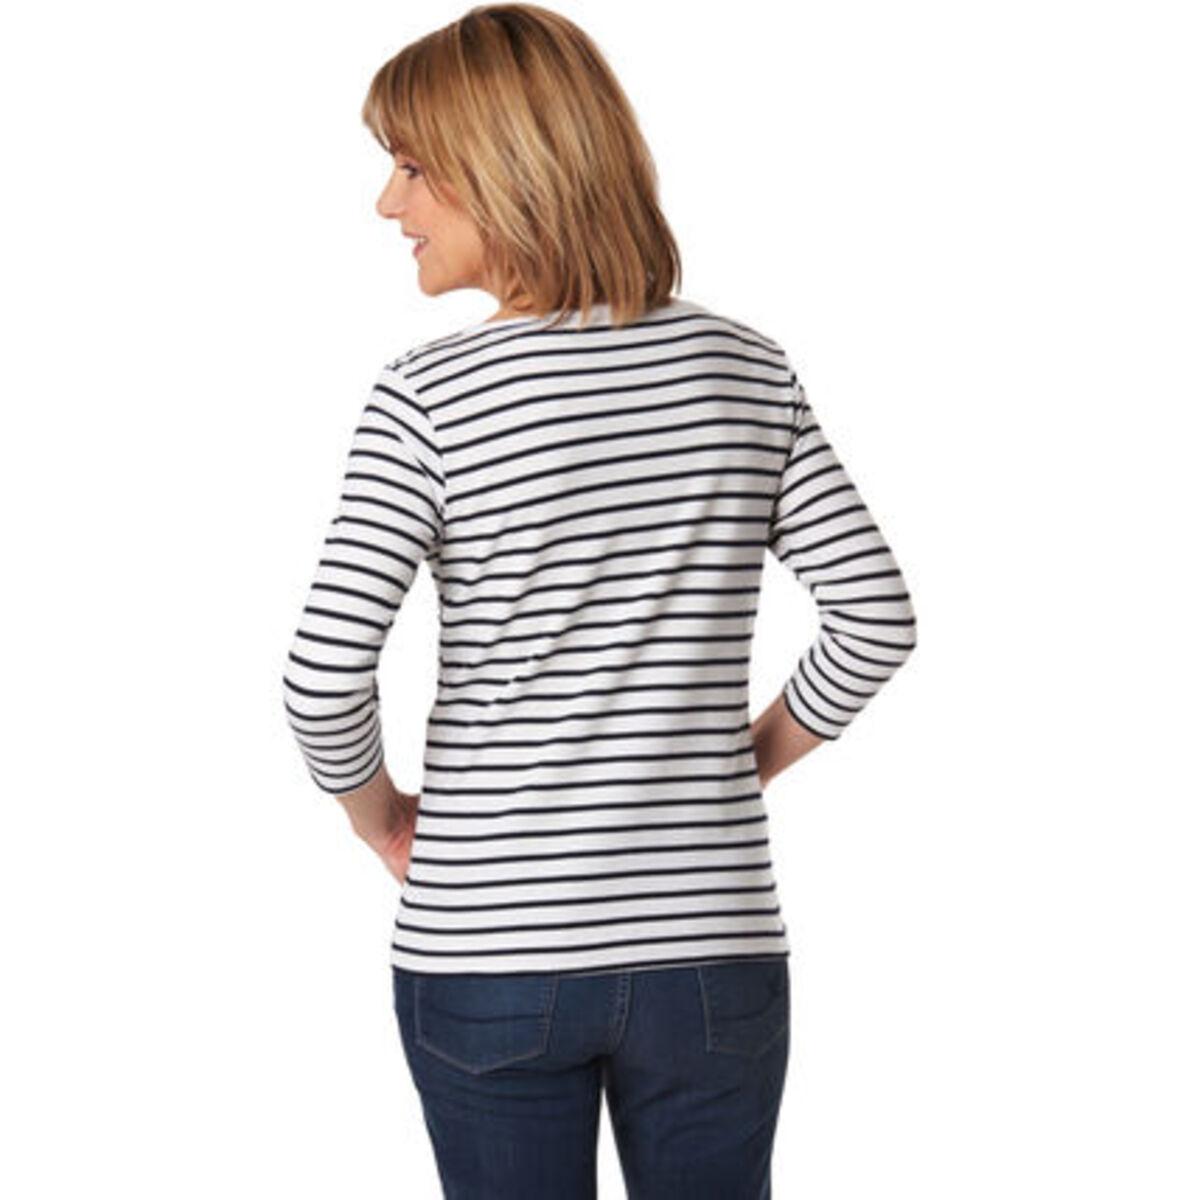 Bild 2 von Adagio Streifen-Shirt, 3/4 Ärmel, für Damen